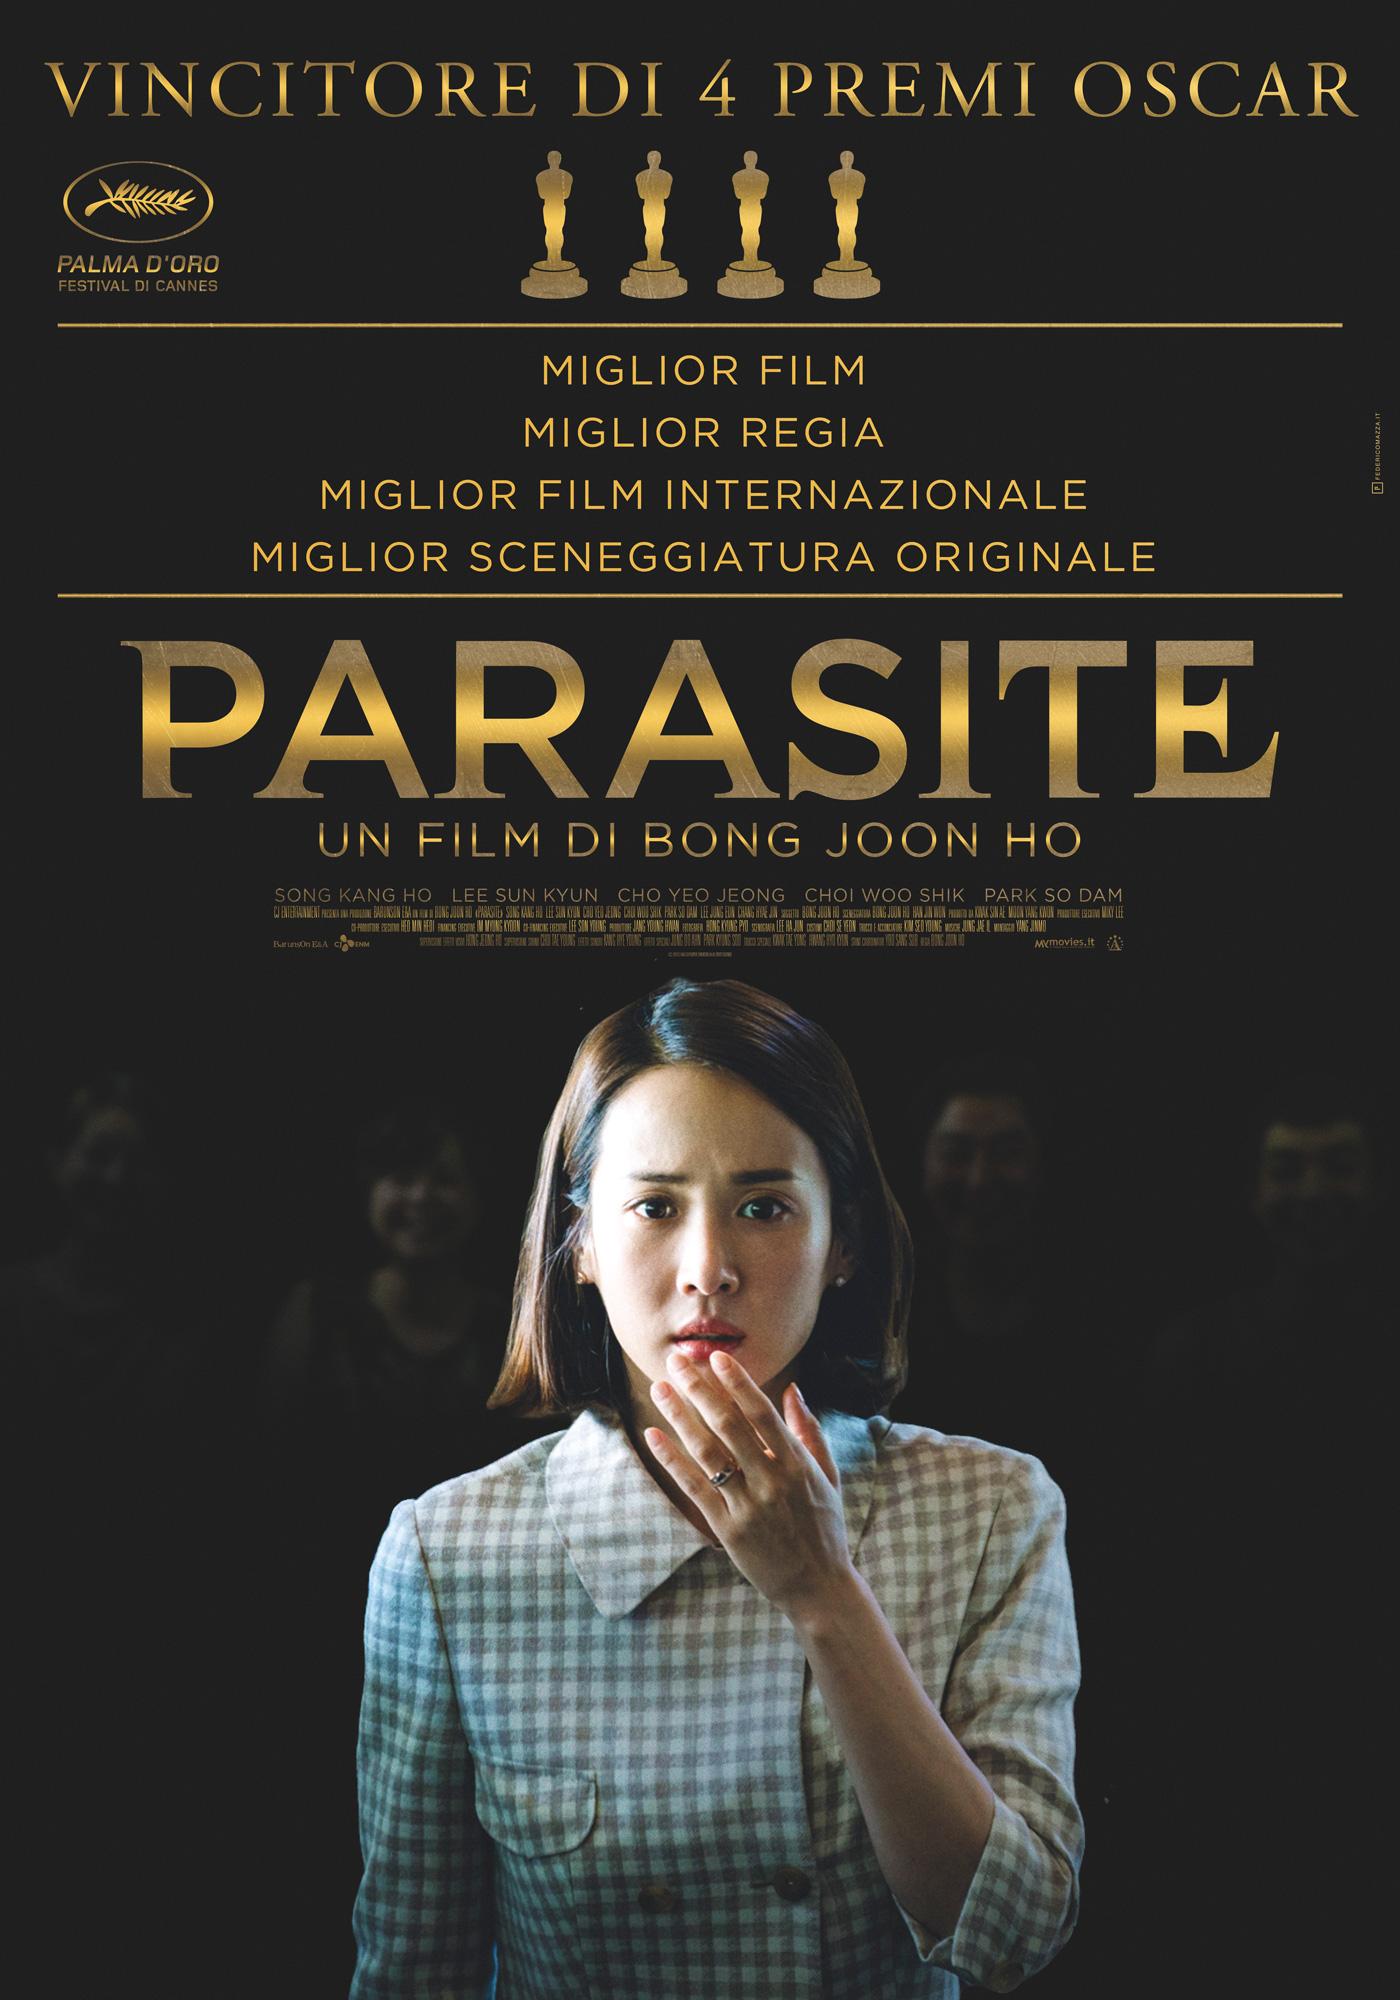 Straordinario «Parasite»: al film coreano gli Oscar più importanti